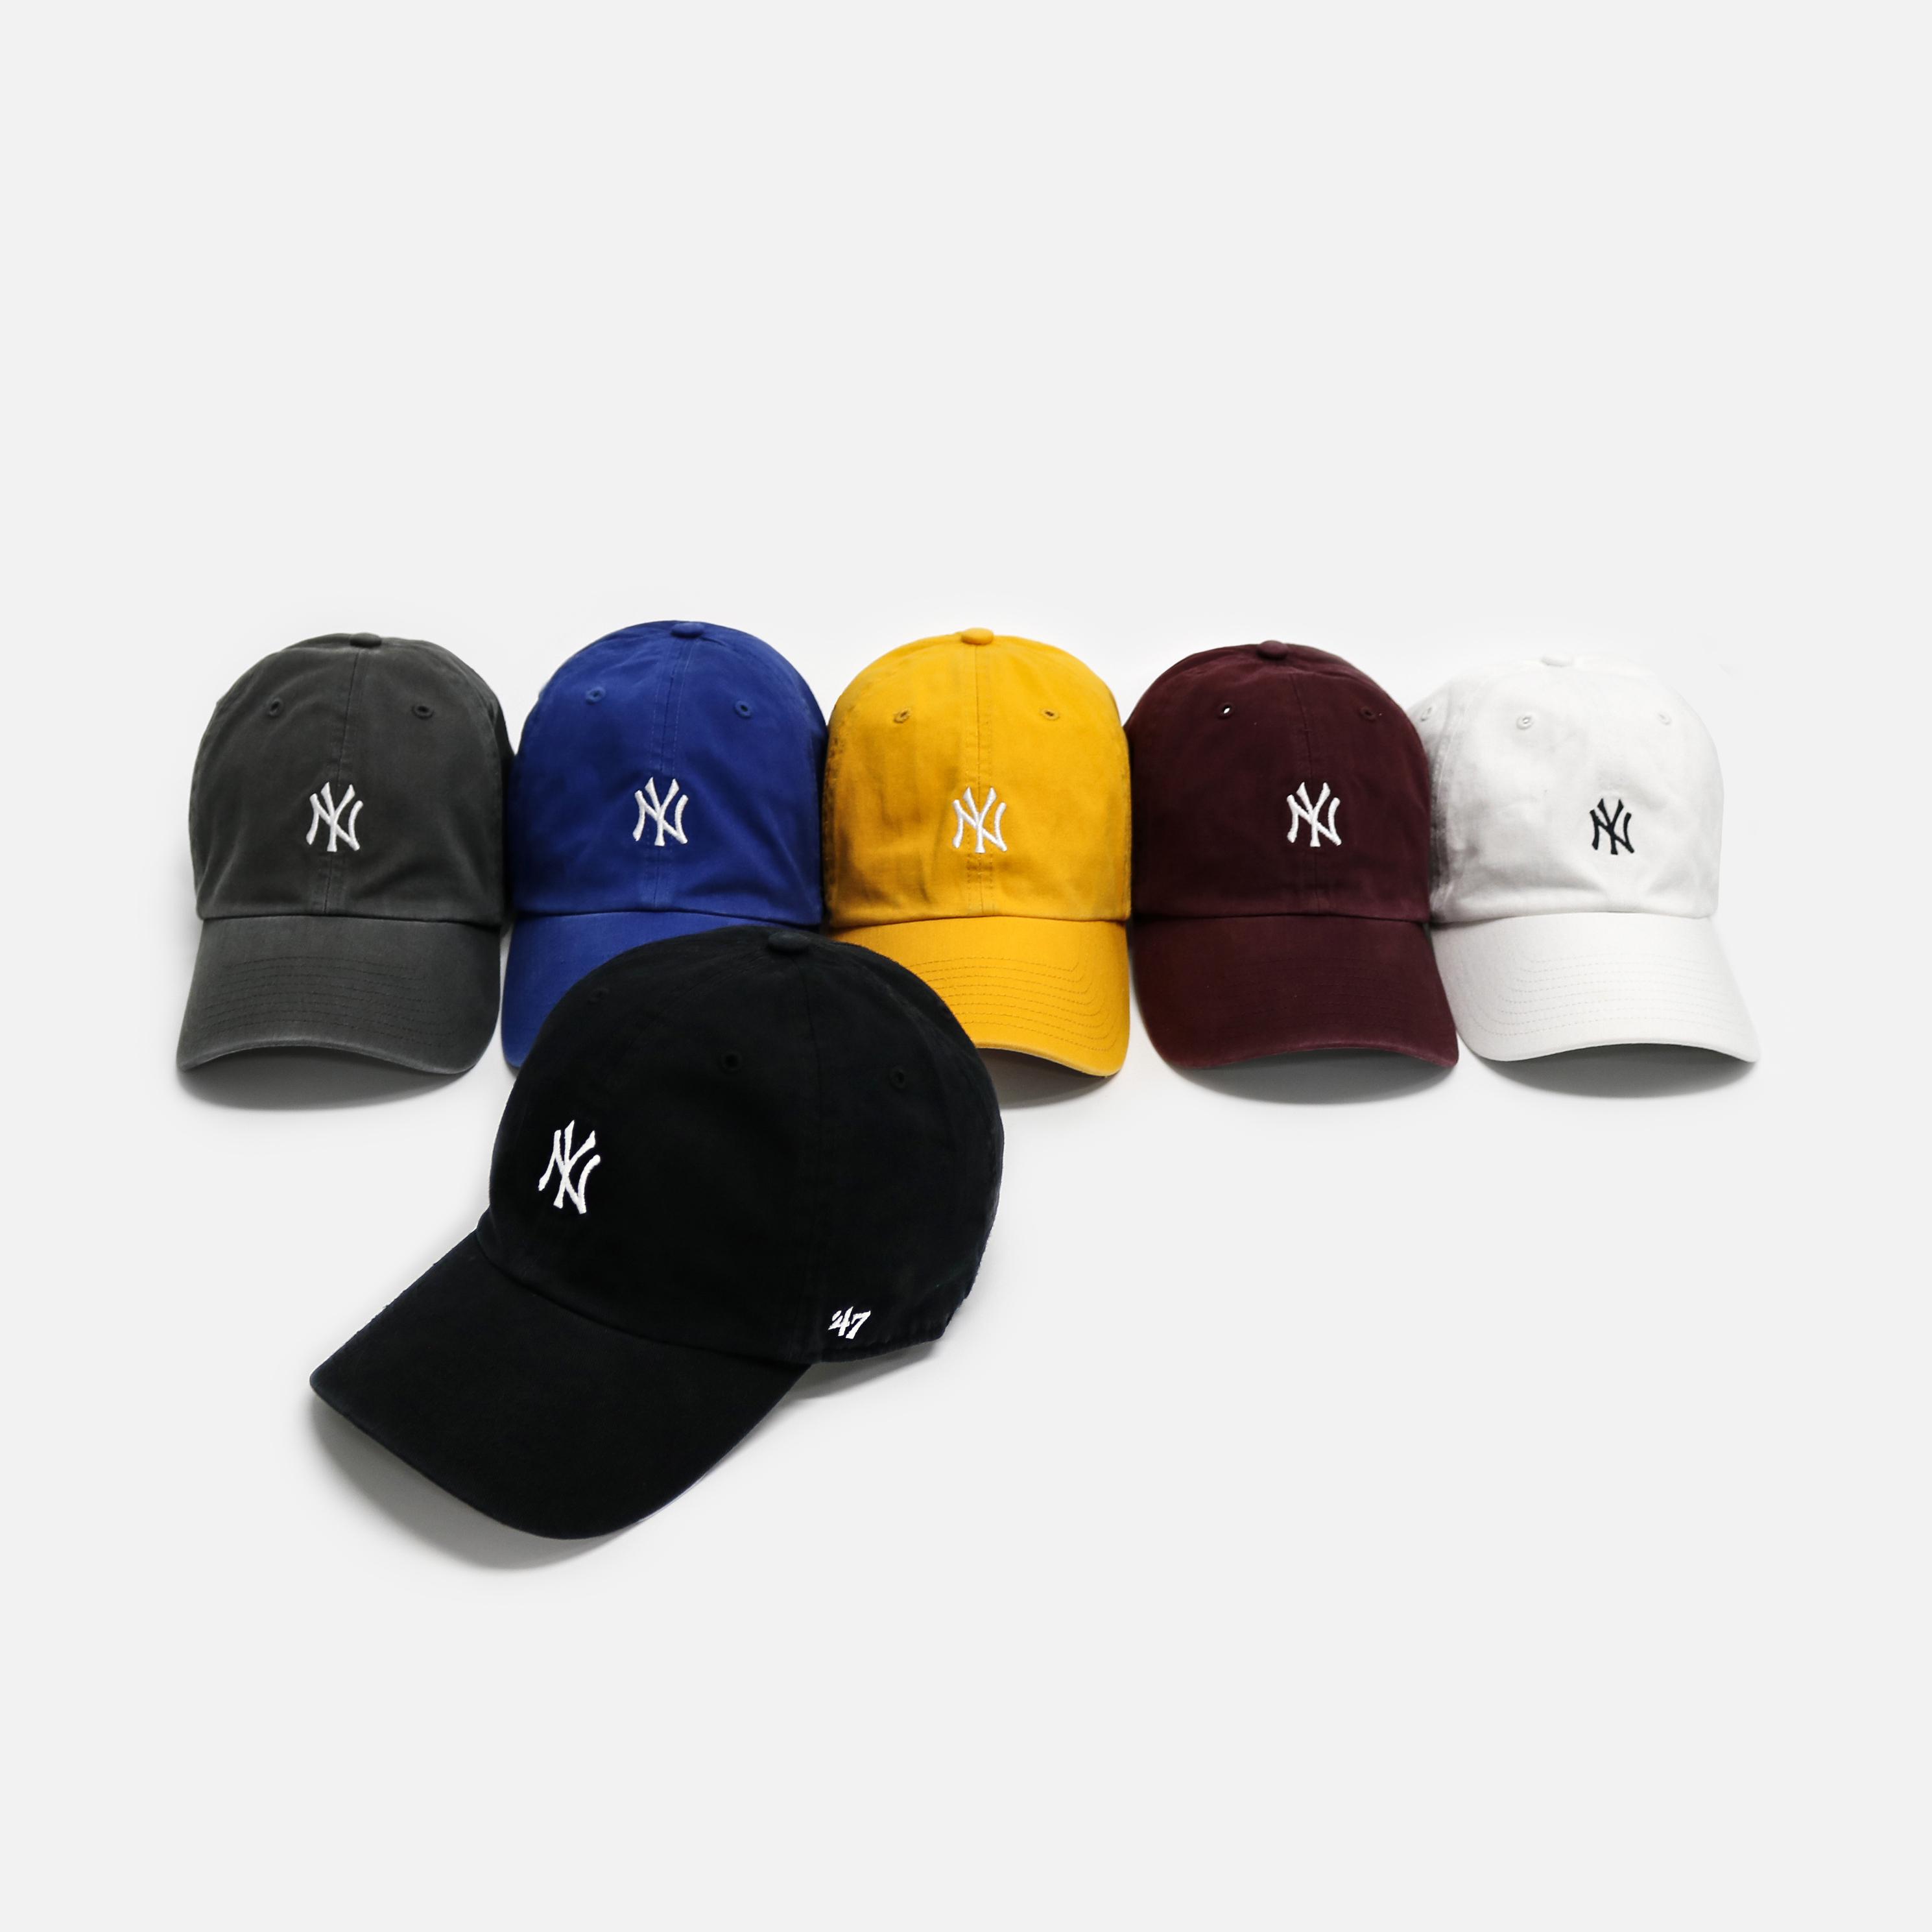 [국내배송]47브랜드 NY 볼캡 모자